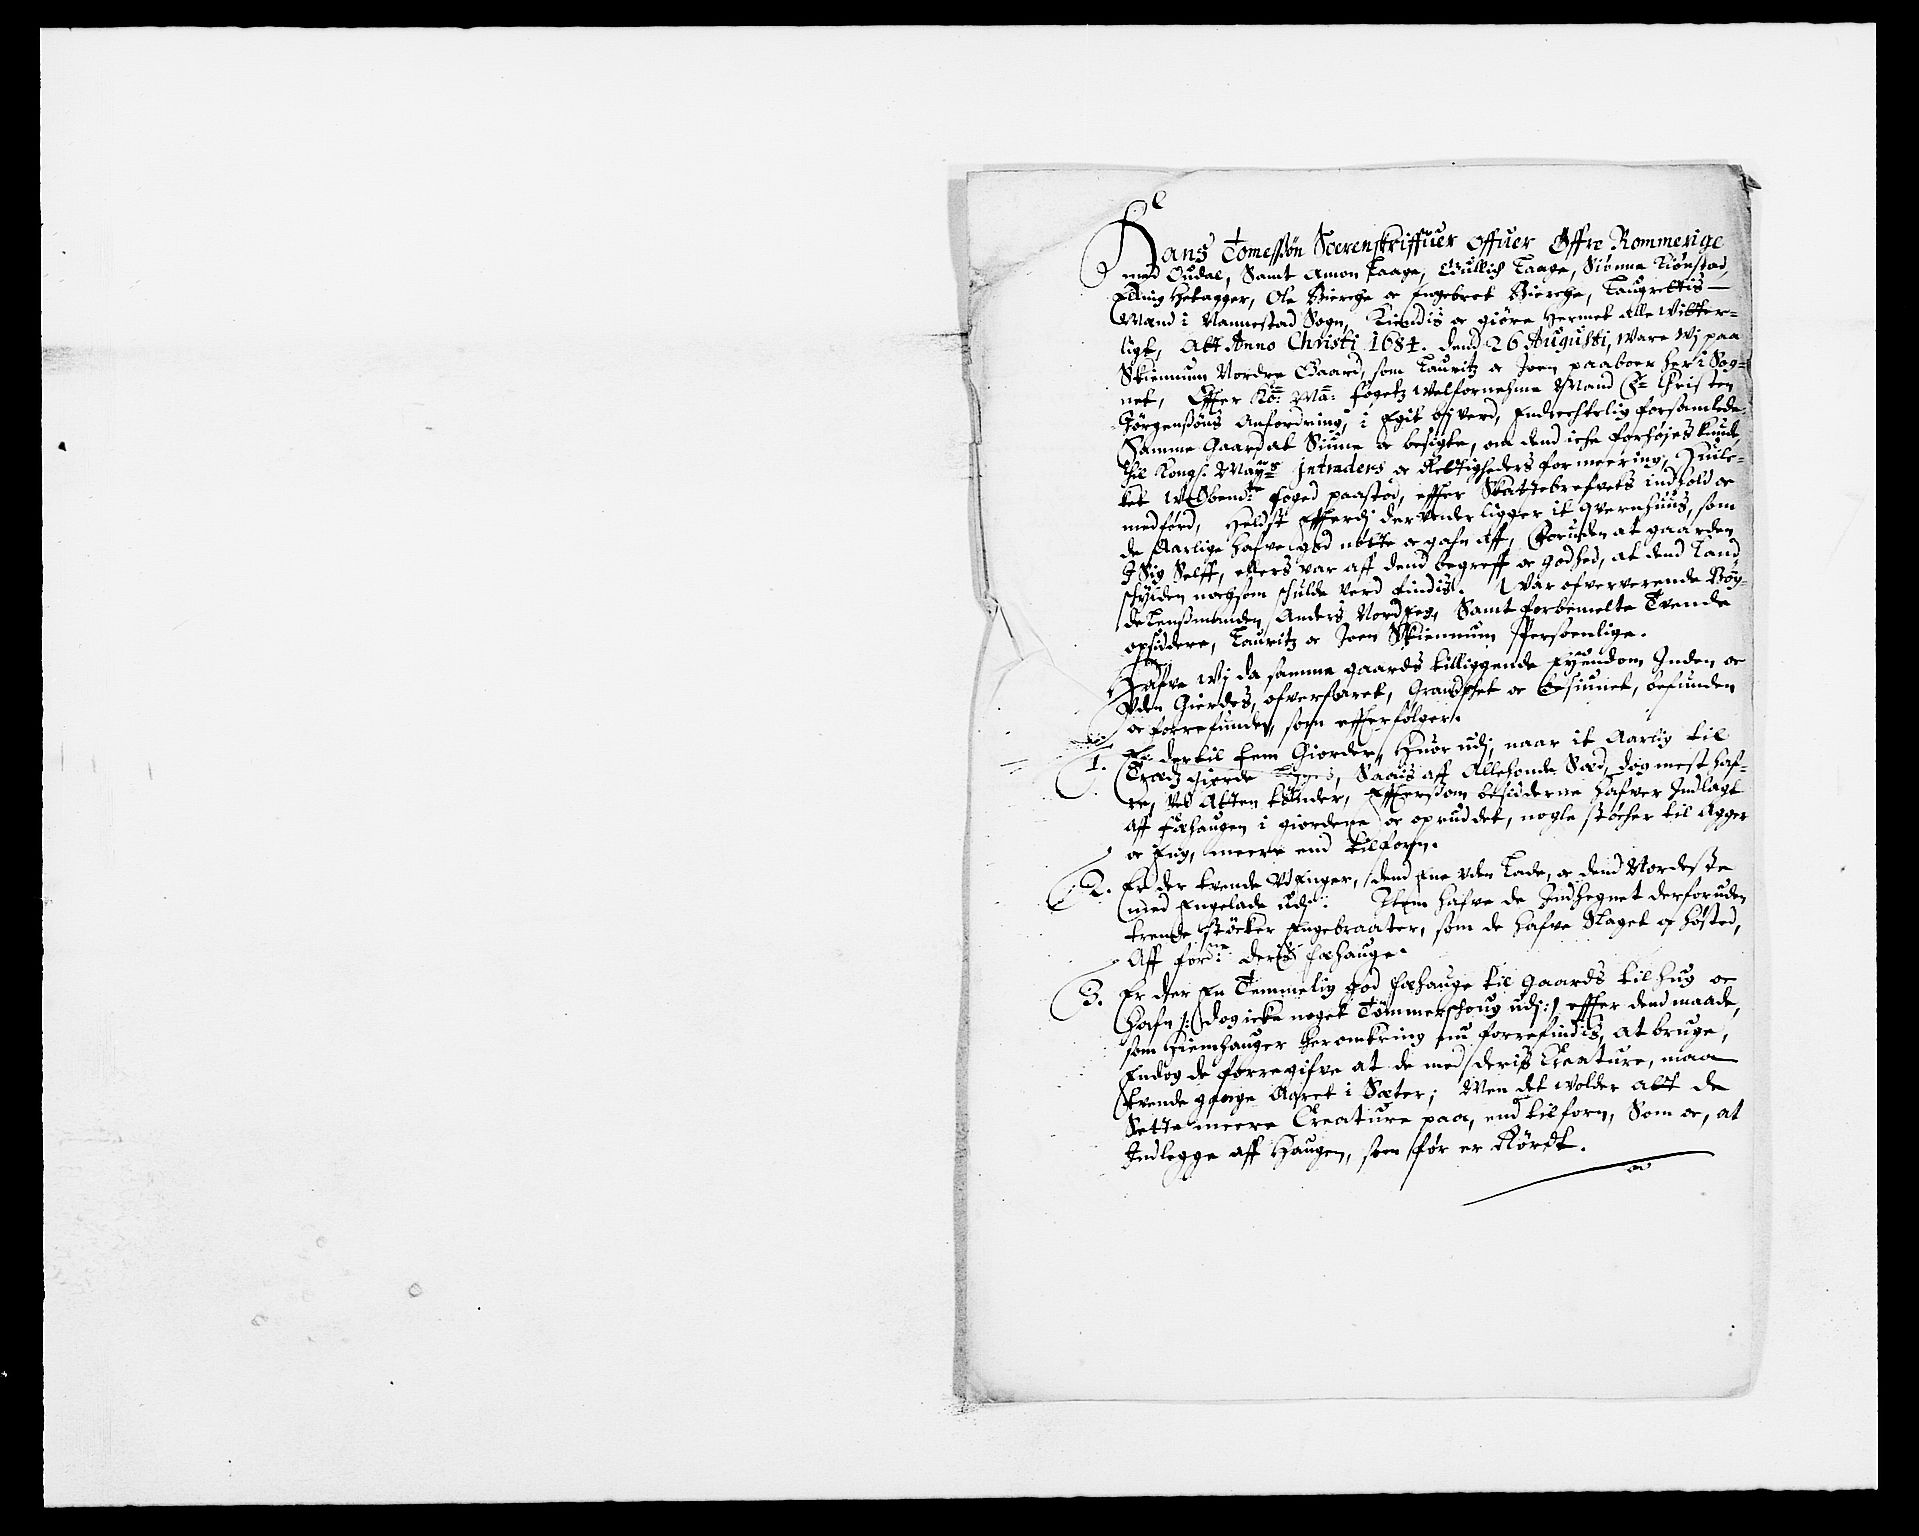 RA, Rentekammeret inntil 1814, Reviderte regnskaper, Fogderegnskap, R12/L0698: Fogderegnskap Øvre Romerike, 1684, s. 93